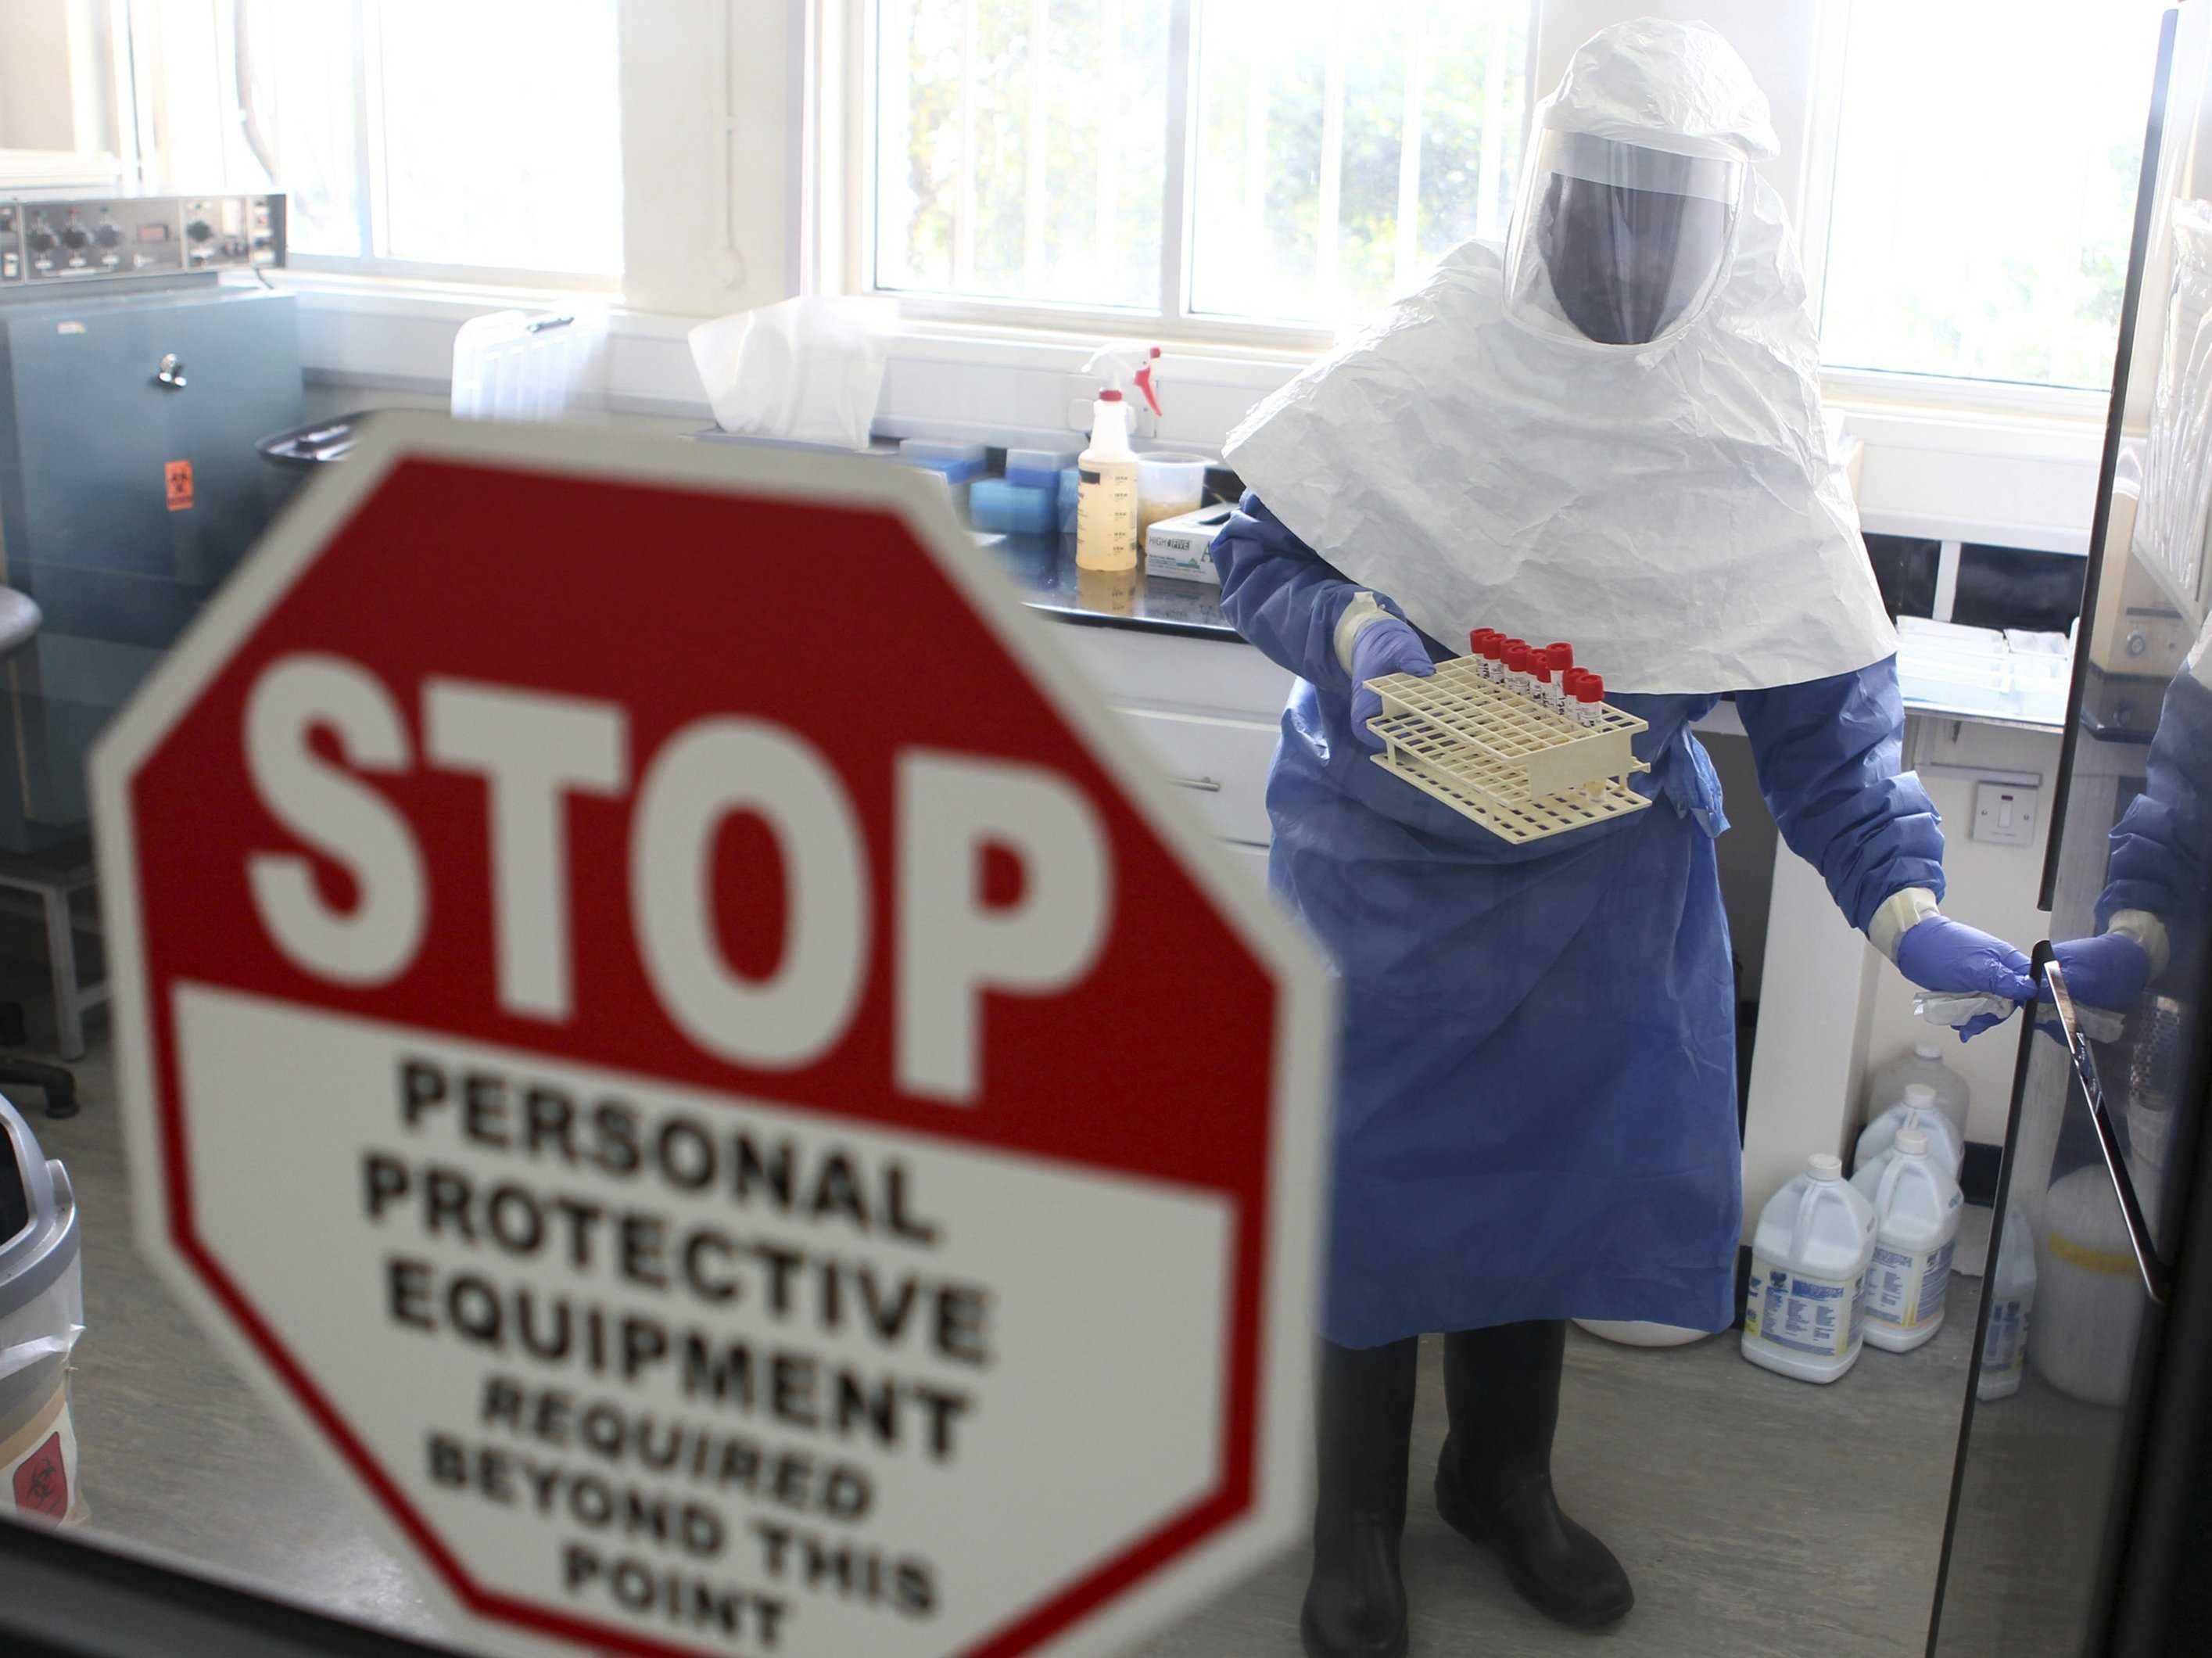 ebolaV